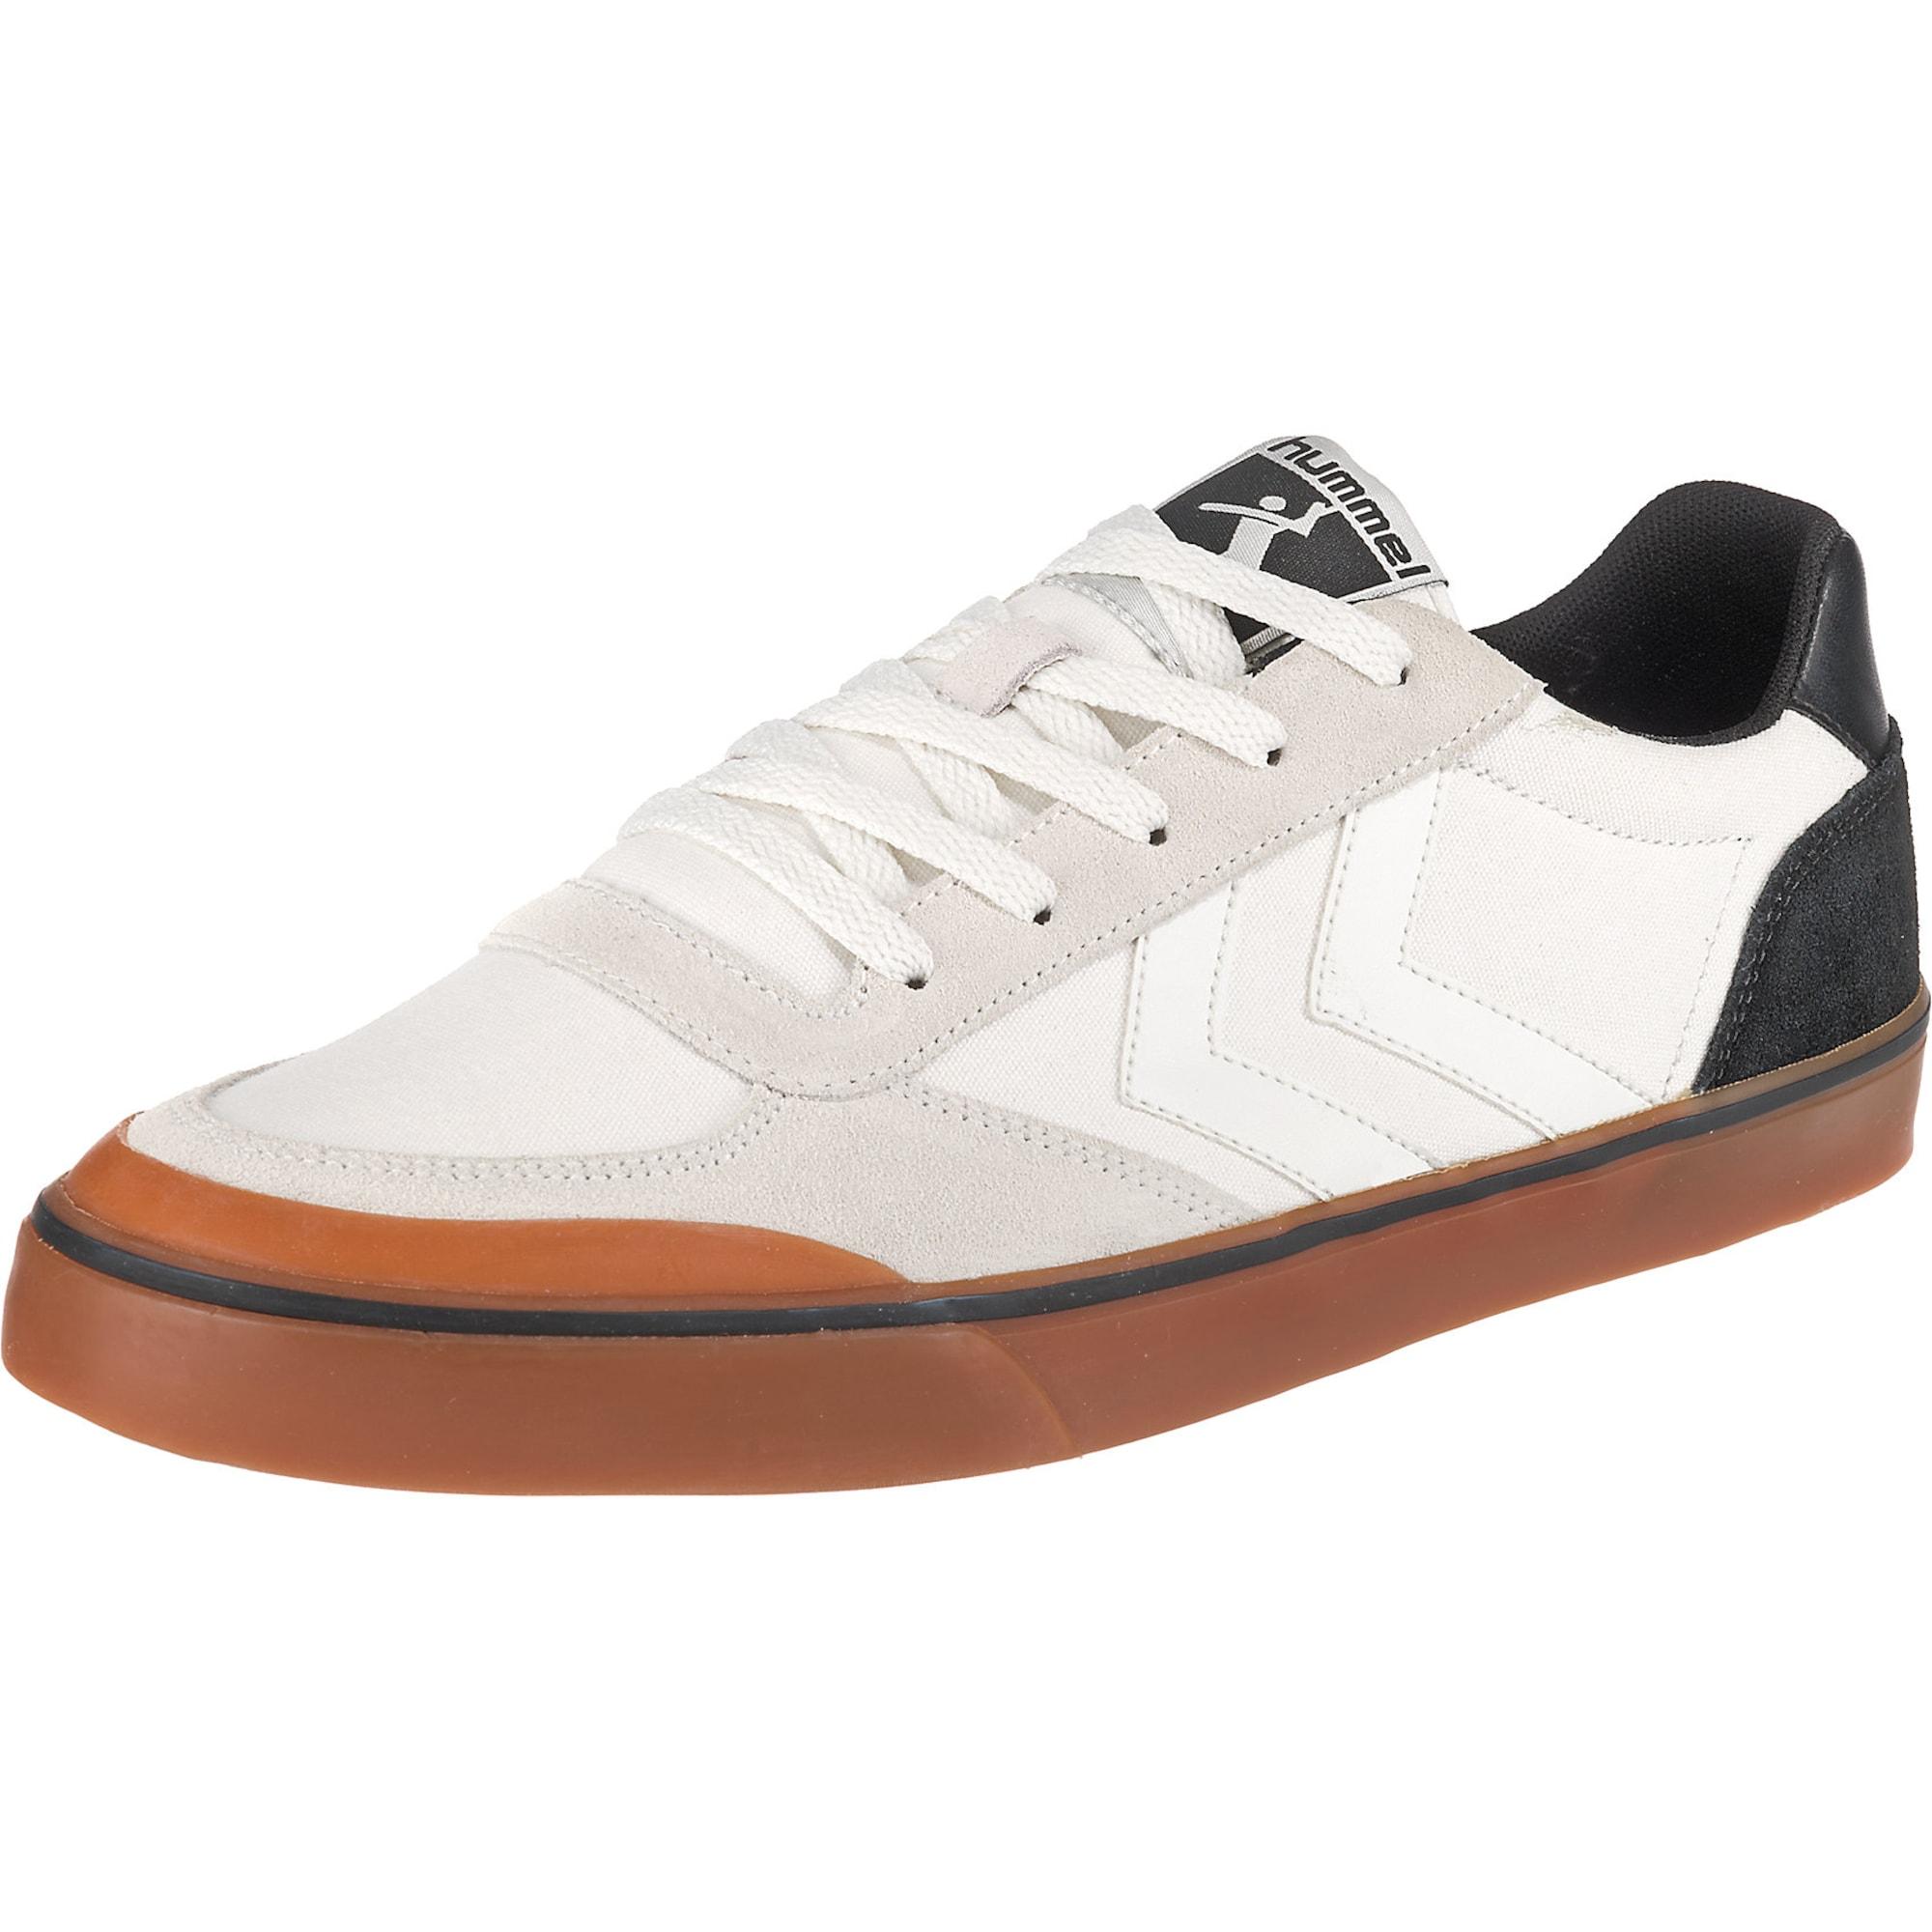 Sneaker 'Stadil 3.0 Classic' | Schuhe > Sneaker | Hummel